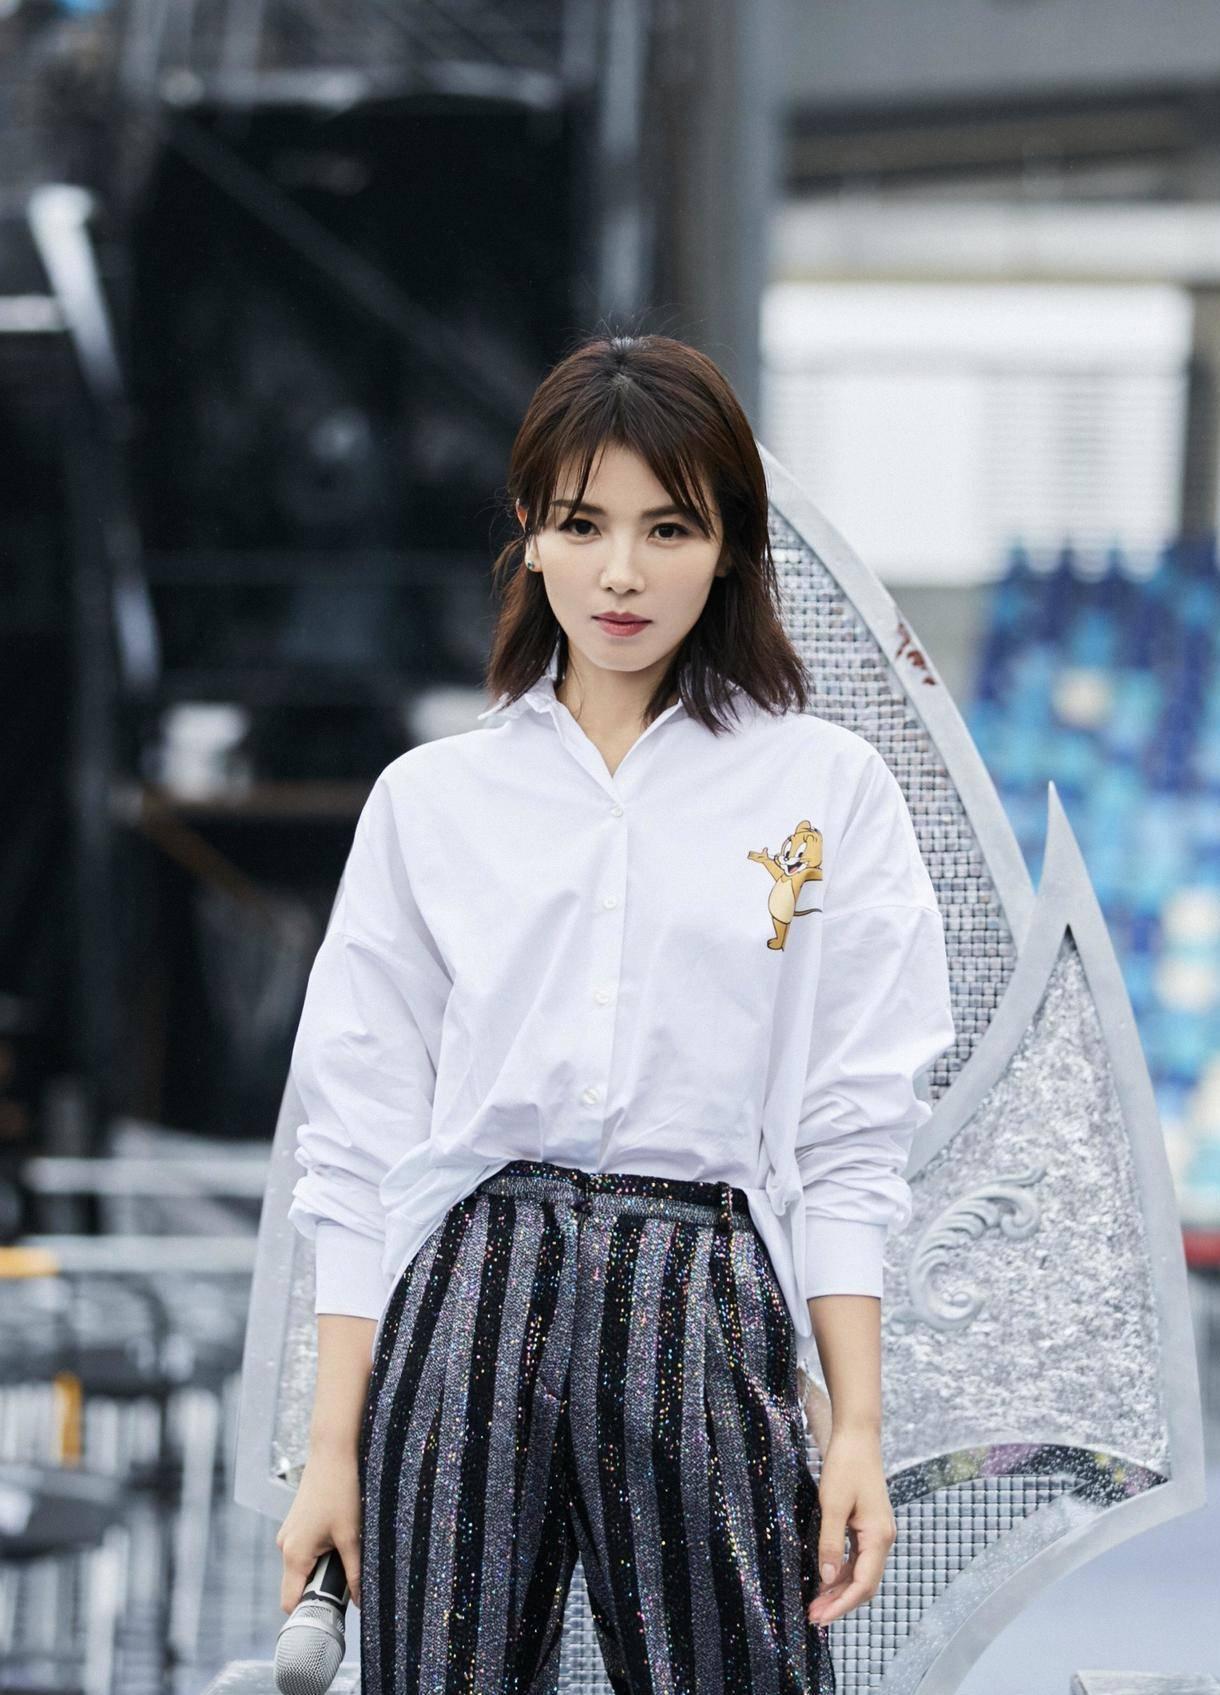 刘涛真会穿,基础款白色衬衫搭配条纹裤真洋气,意外减龄又时髦